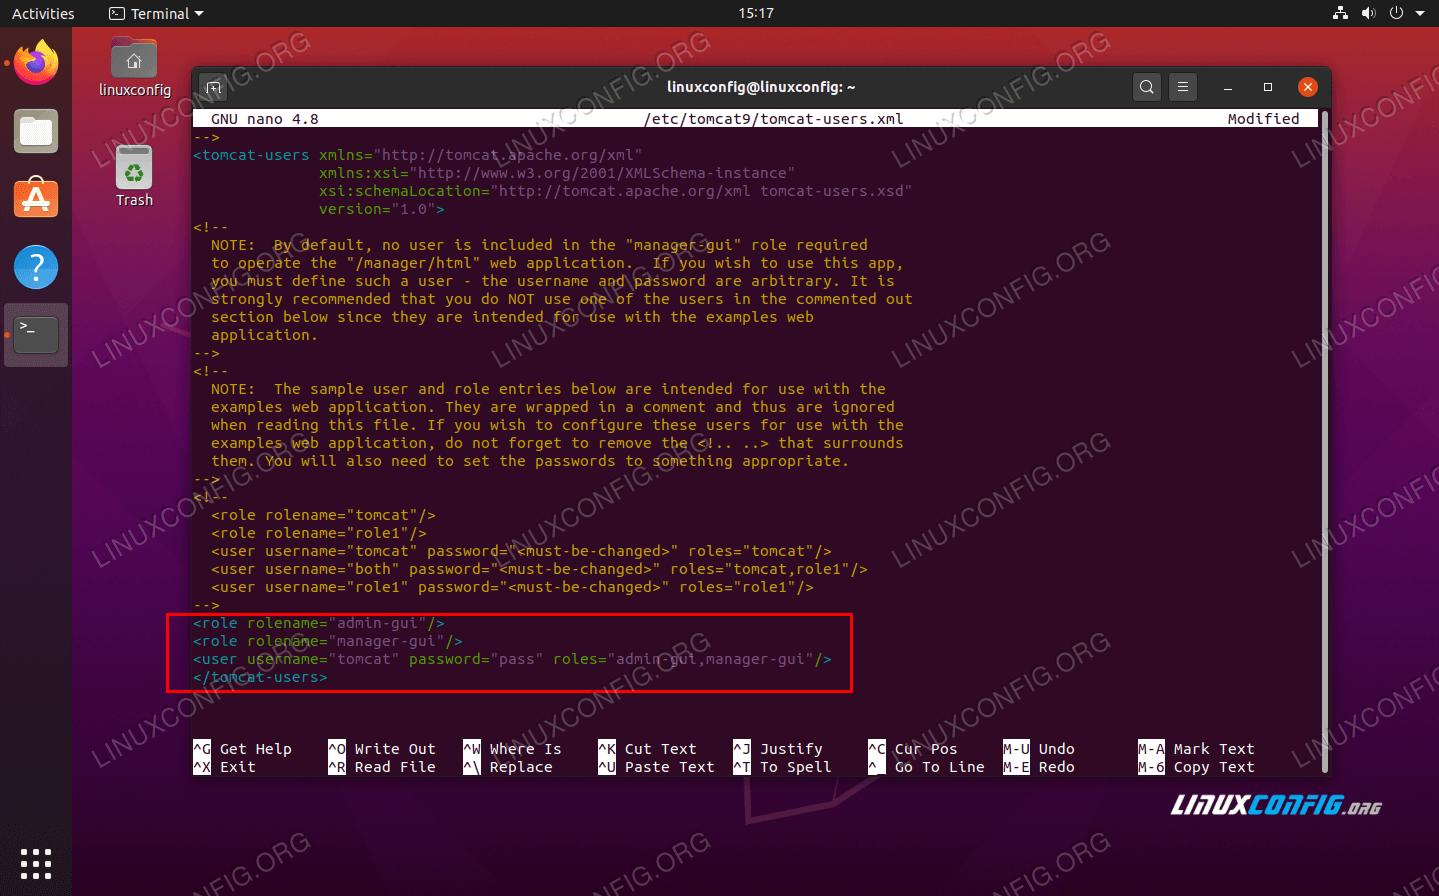 Редактирование XML-файла tomcat-users с учетными данными пользователя для доступа к интерфейсу администратора